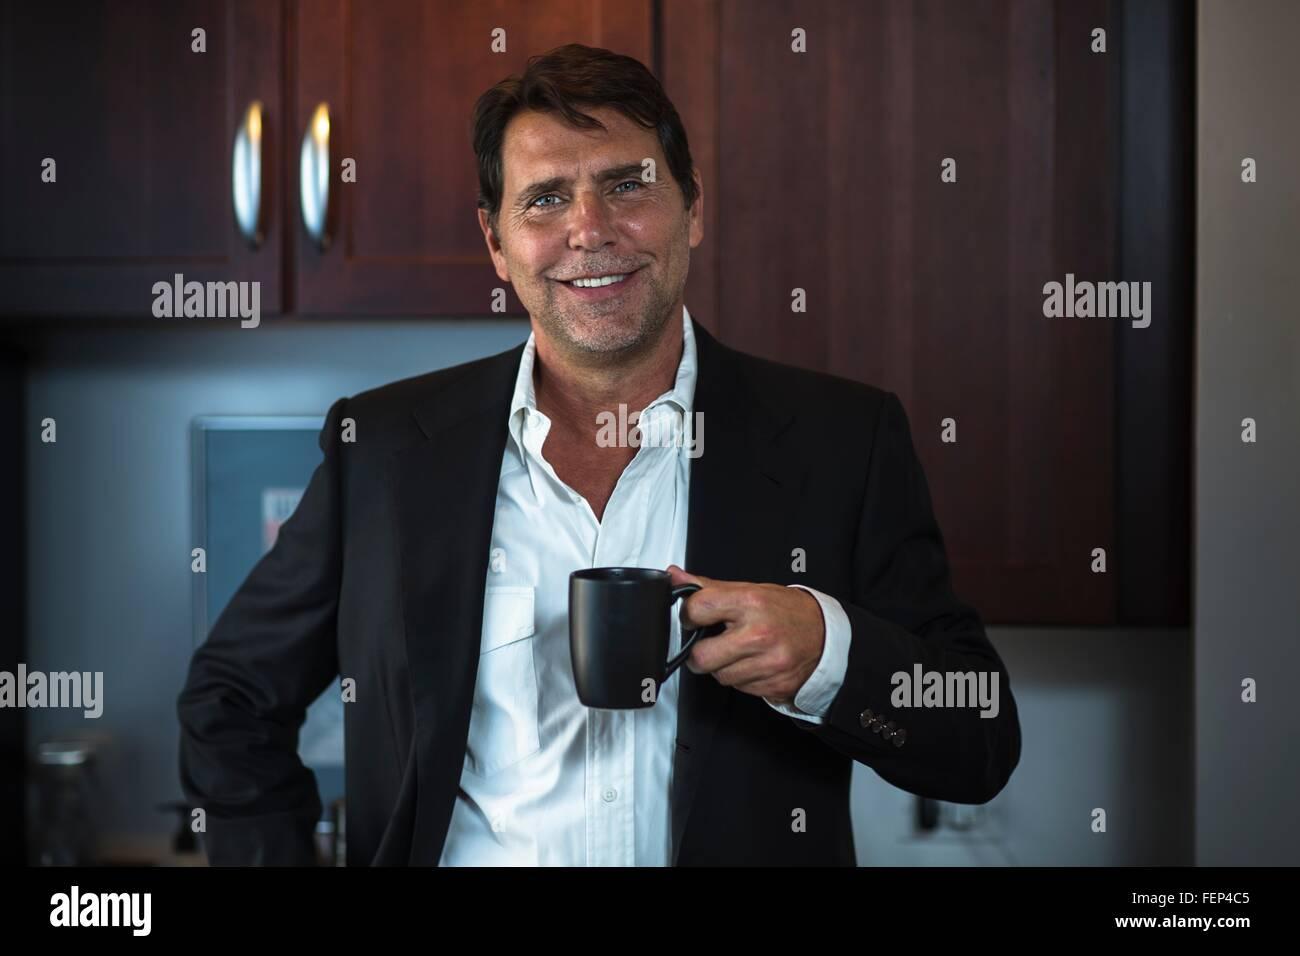 Hombre maduro, vistiendo camisa y traje chaqueta sosteniendo la taza de café mirando a la cámara sonriendo Foto de stock